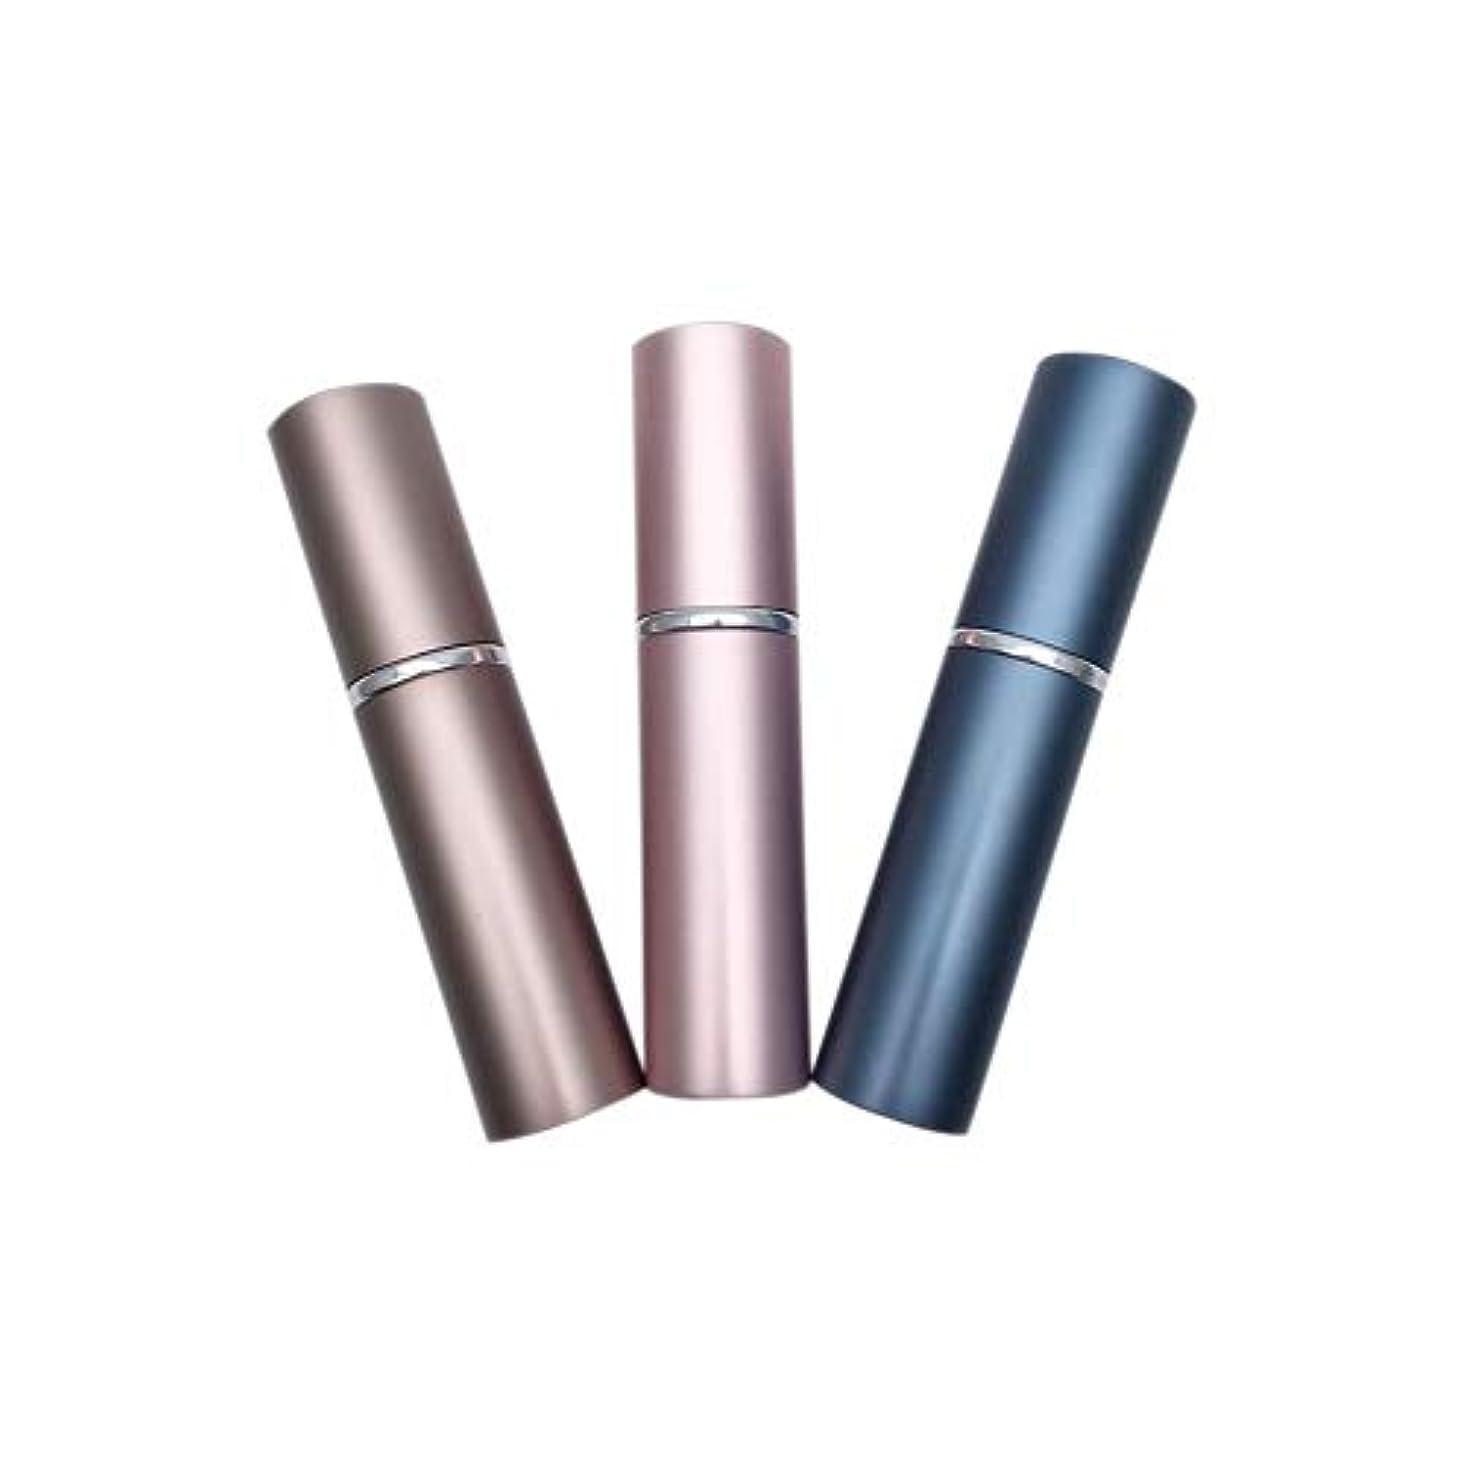 独立した混沌混乱したアトマイザー 香水 詰め替え容器 スプレーボトル 小分けボトル トラベルボトル 旅行携帯便利 (6ml)